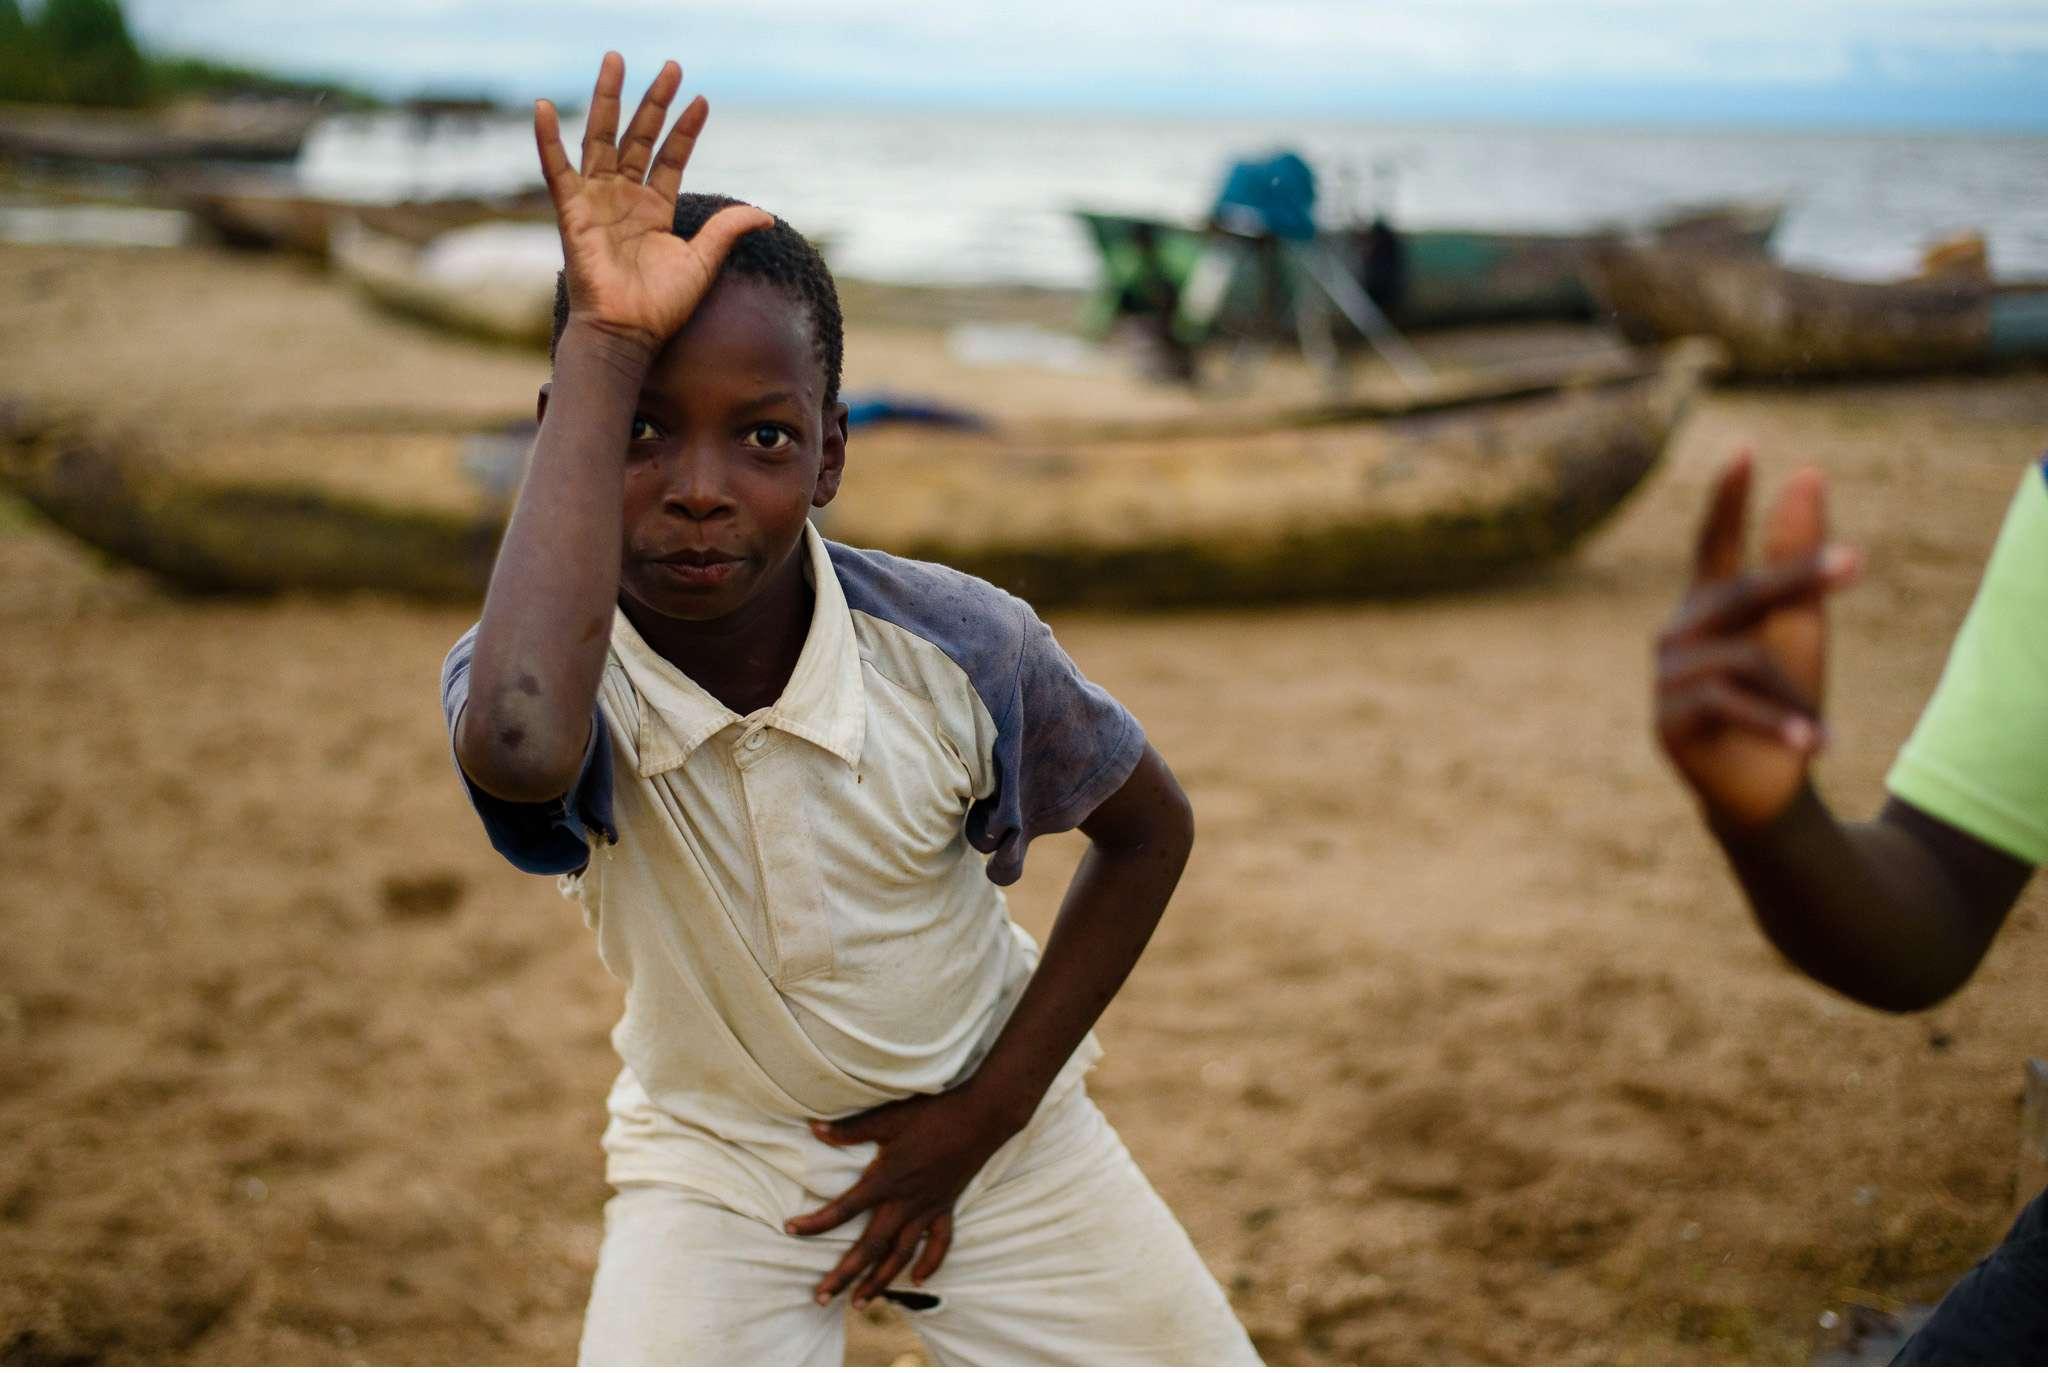 Malawi-Quer durch Afrika- Geschichten von unterwegs by Marion and Daniel-92